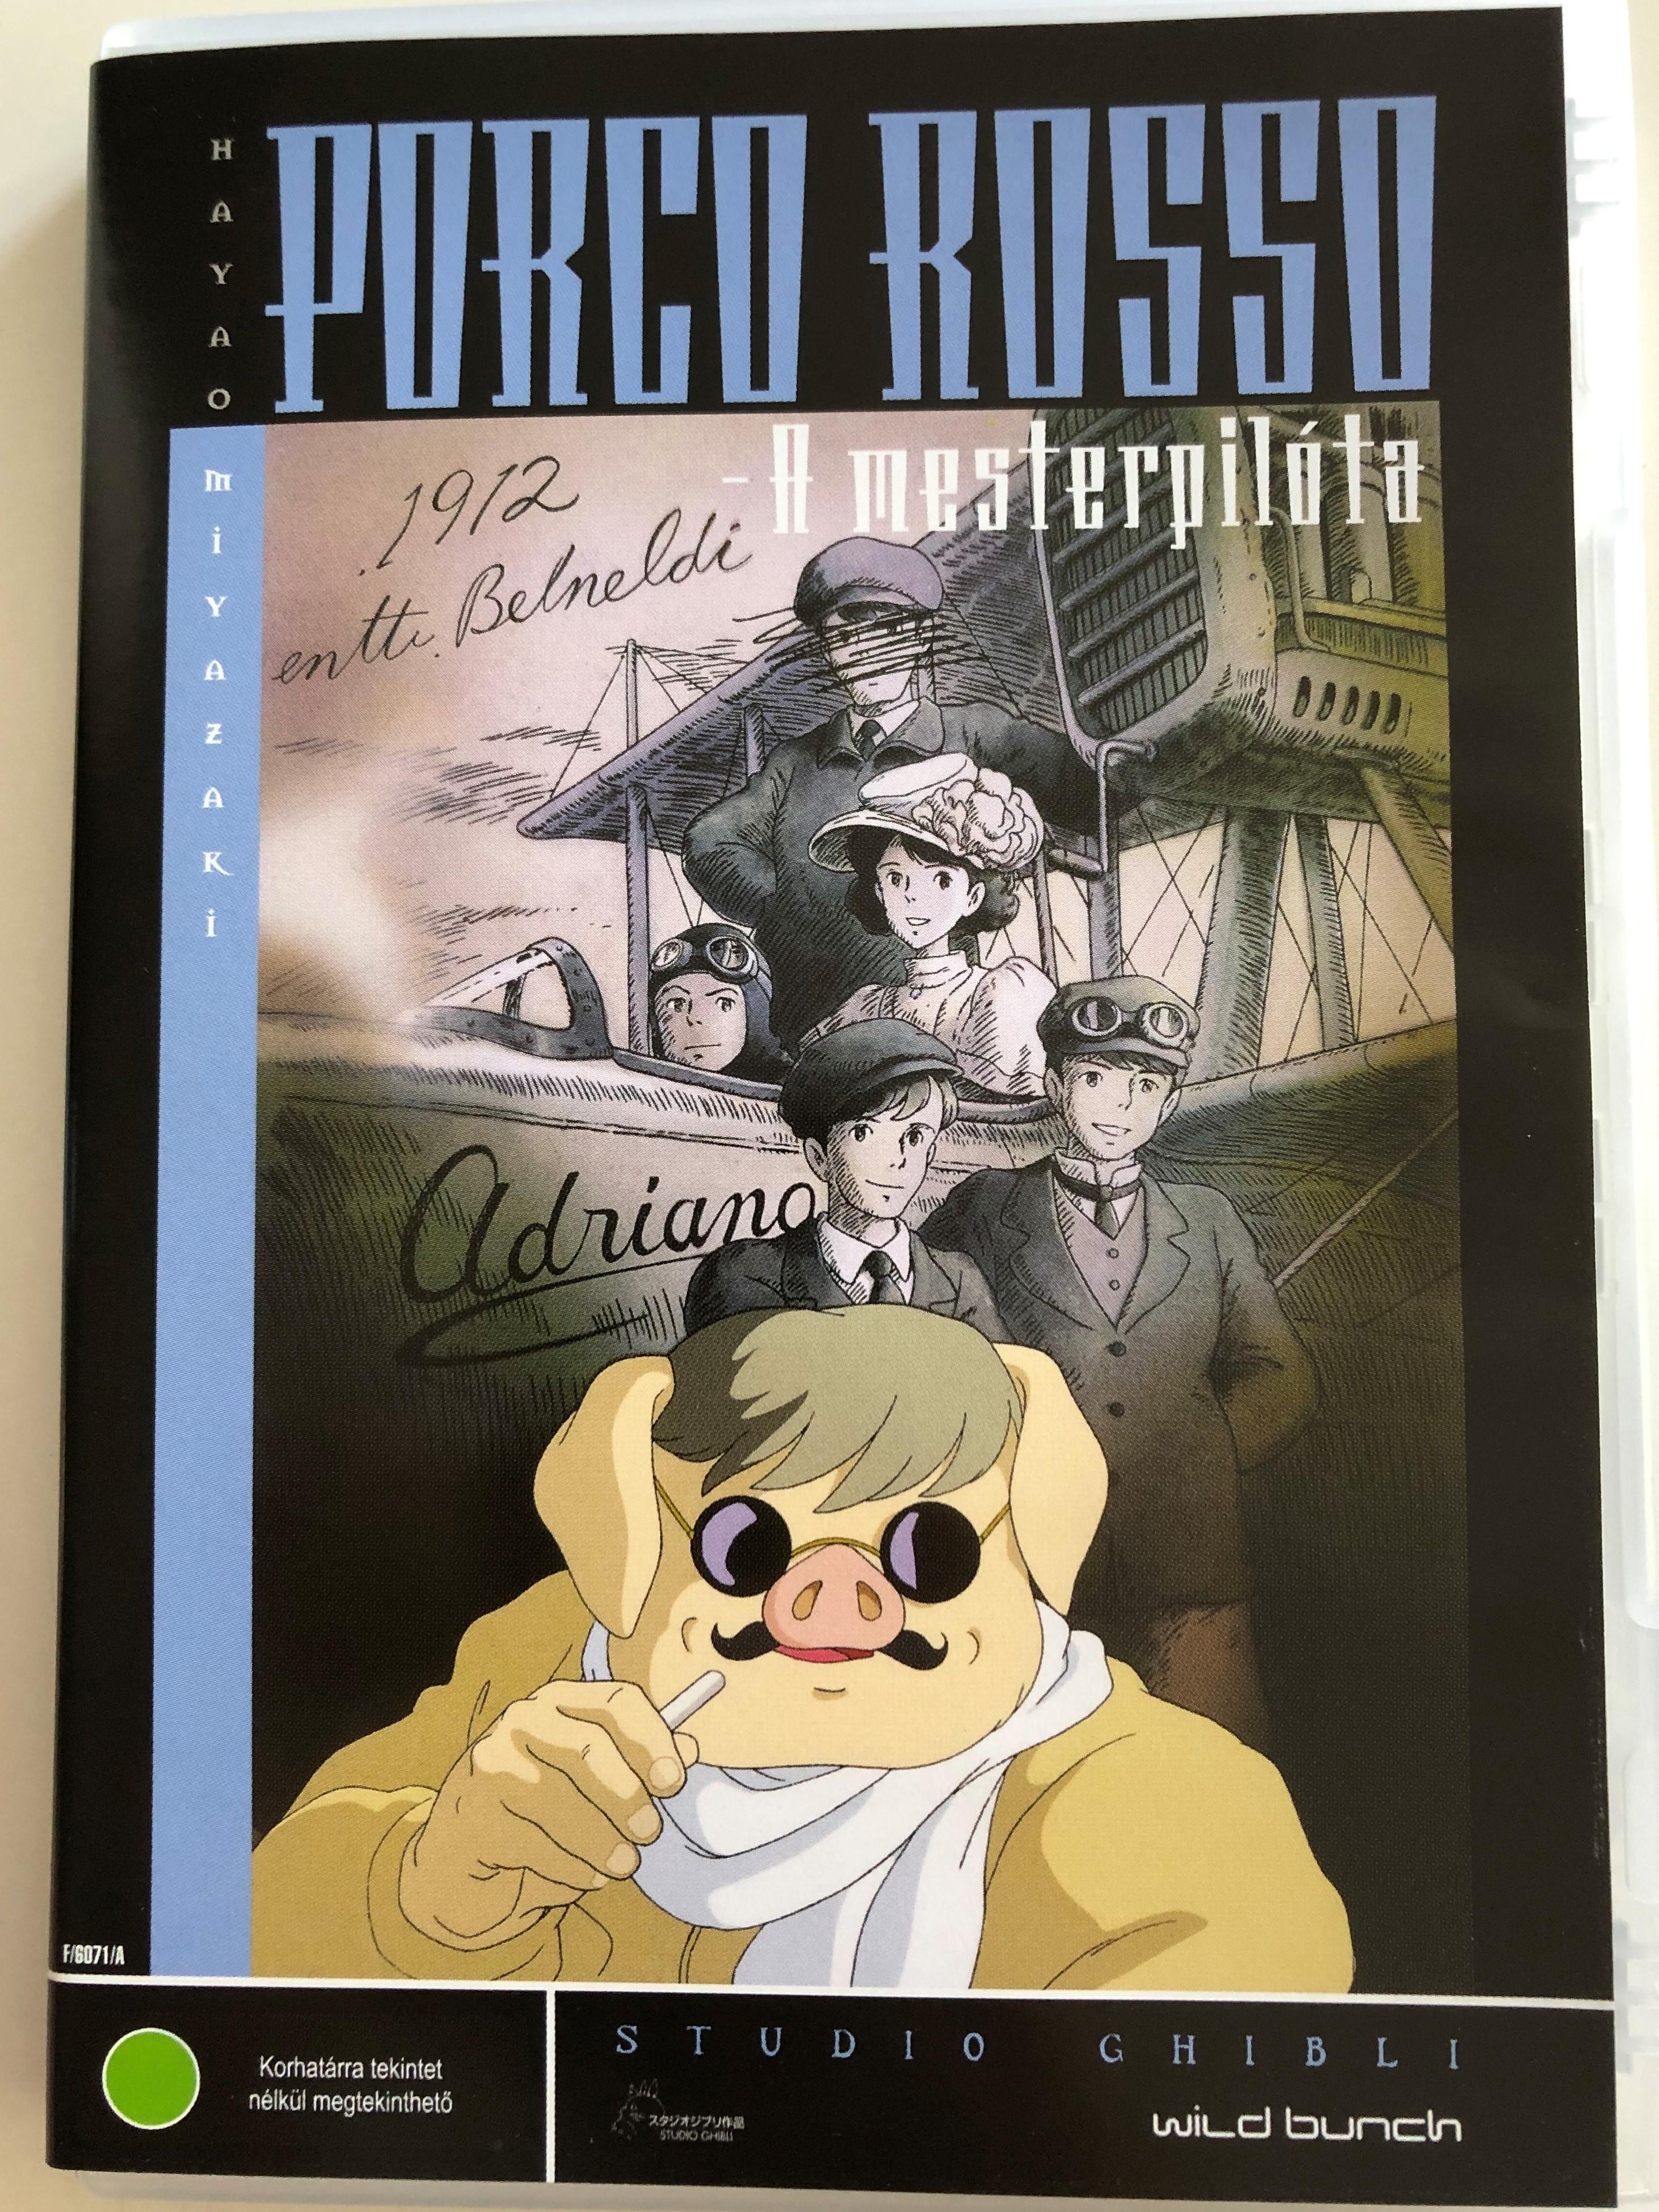 porco-rosso-a-mesterpil-ta-dvd-1992-kurenai-no-buta-studio-ghibli-directed-by-hayao-miyazaki-starring-sh-ichir-moriyama-tokiko-kato-akemi-okamura-akio-tsuka-1-.jpg